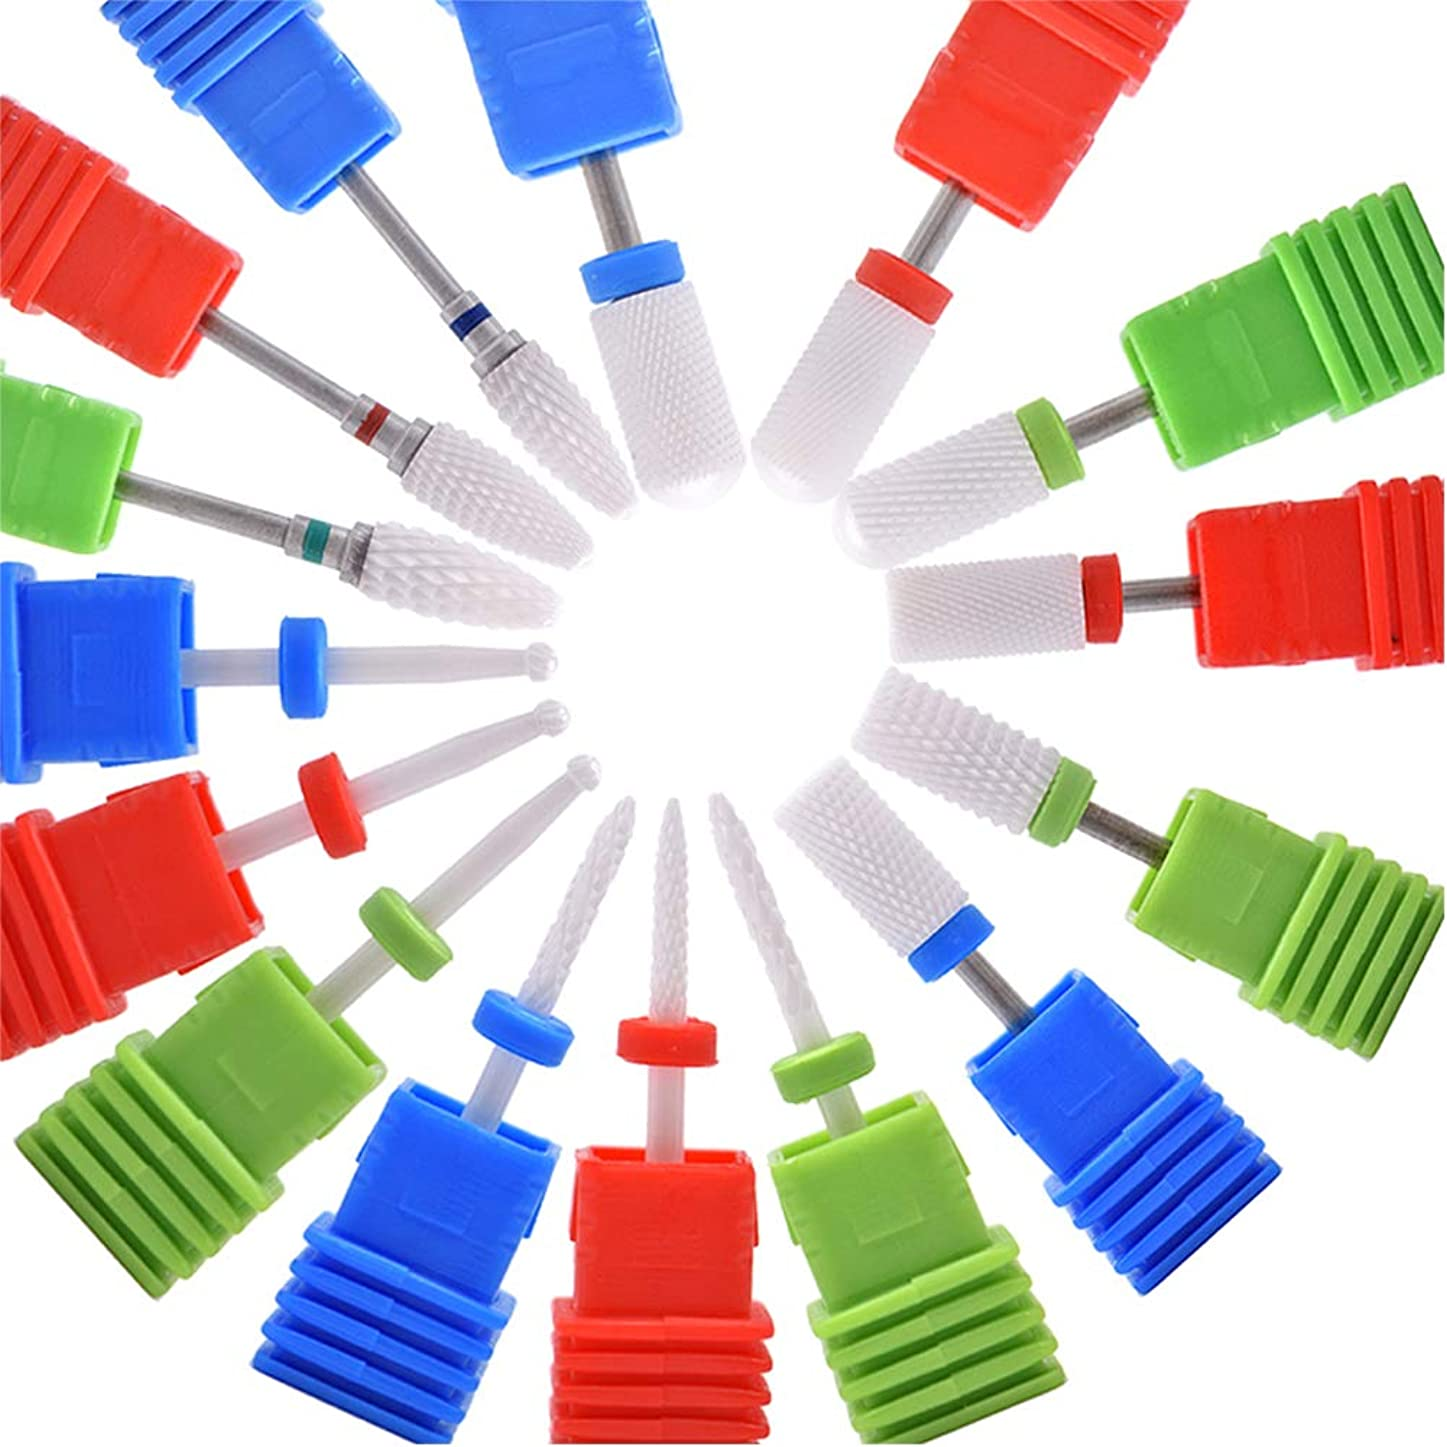 急行する重要な役割を果たす、中心的な手段となる提案するOral Dentistry ネイルアート ドリルビット 研削ヘッド 研磨ヘッド ネイル グラインド ヘッド 爪 磨き 研磨 研削 セラミック 全3色 15種類